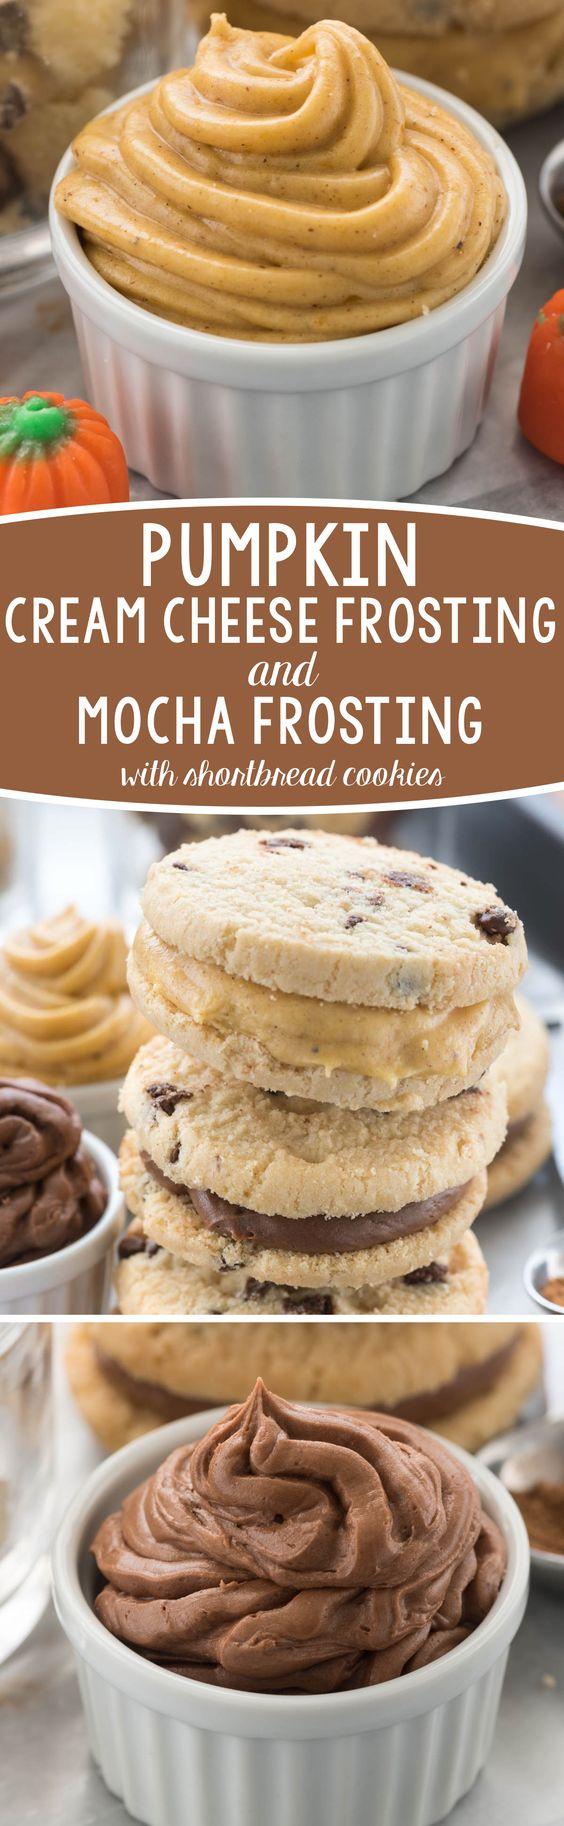 cream sandwiches sandwich cookies recipe cookies om crusts tes met